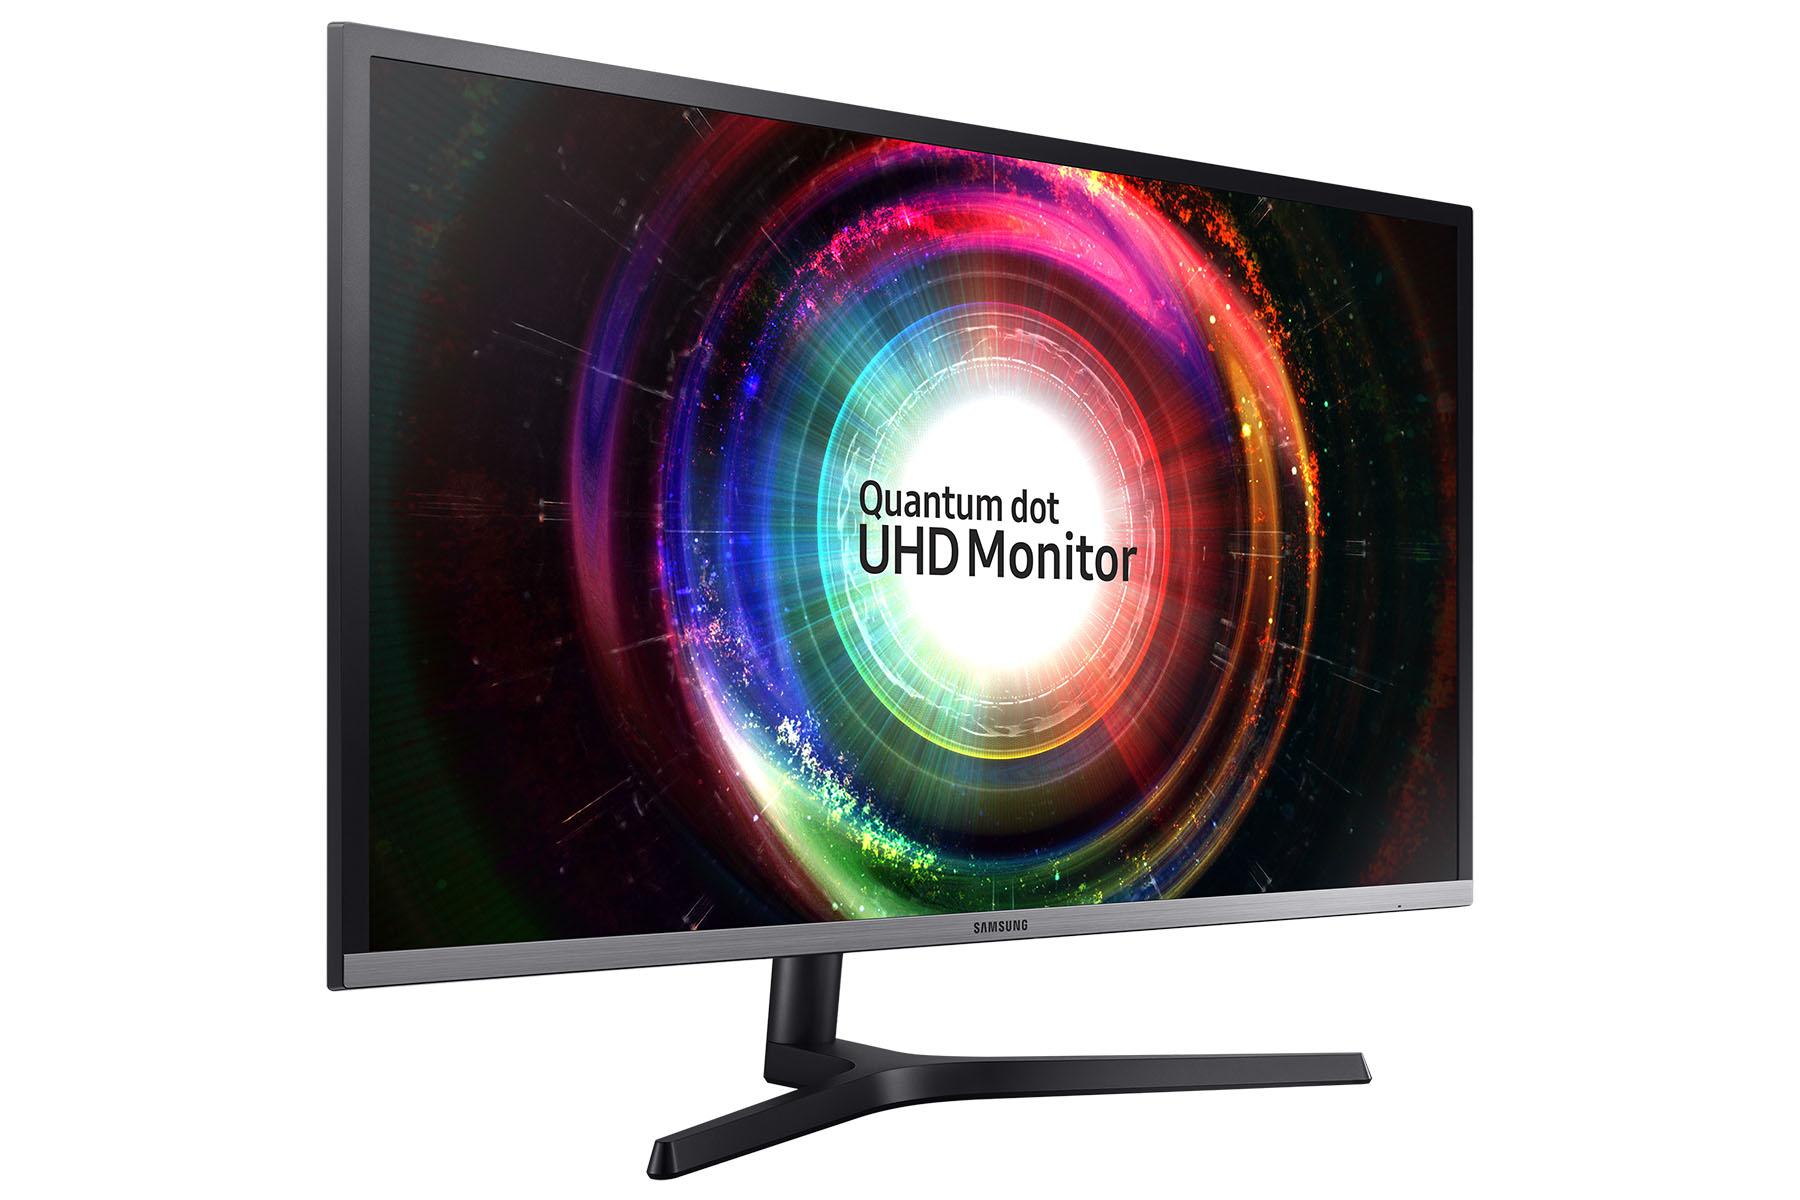 """Samsung LED LCD 32"""" U32H850 16:9 VA/3840x2160/4ms/250 cd/m2/2xHDMI/mDP/DP/4xUSB3.0/USB Hub/Quantum dot"""